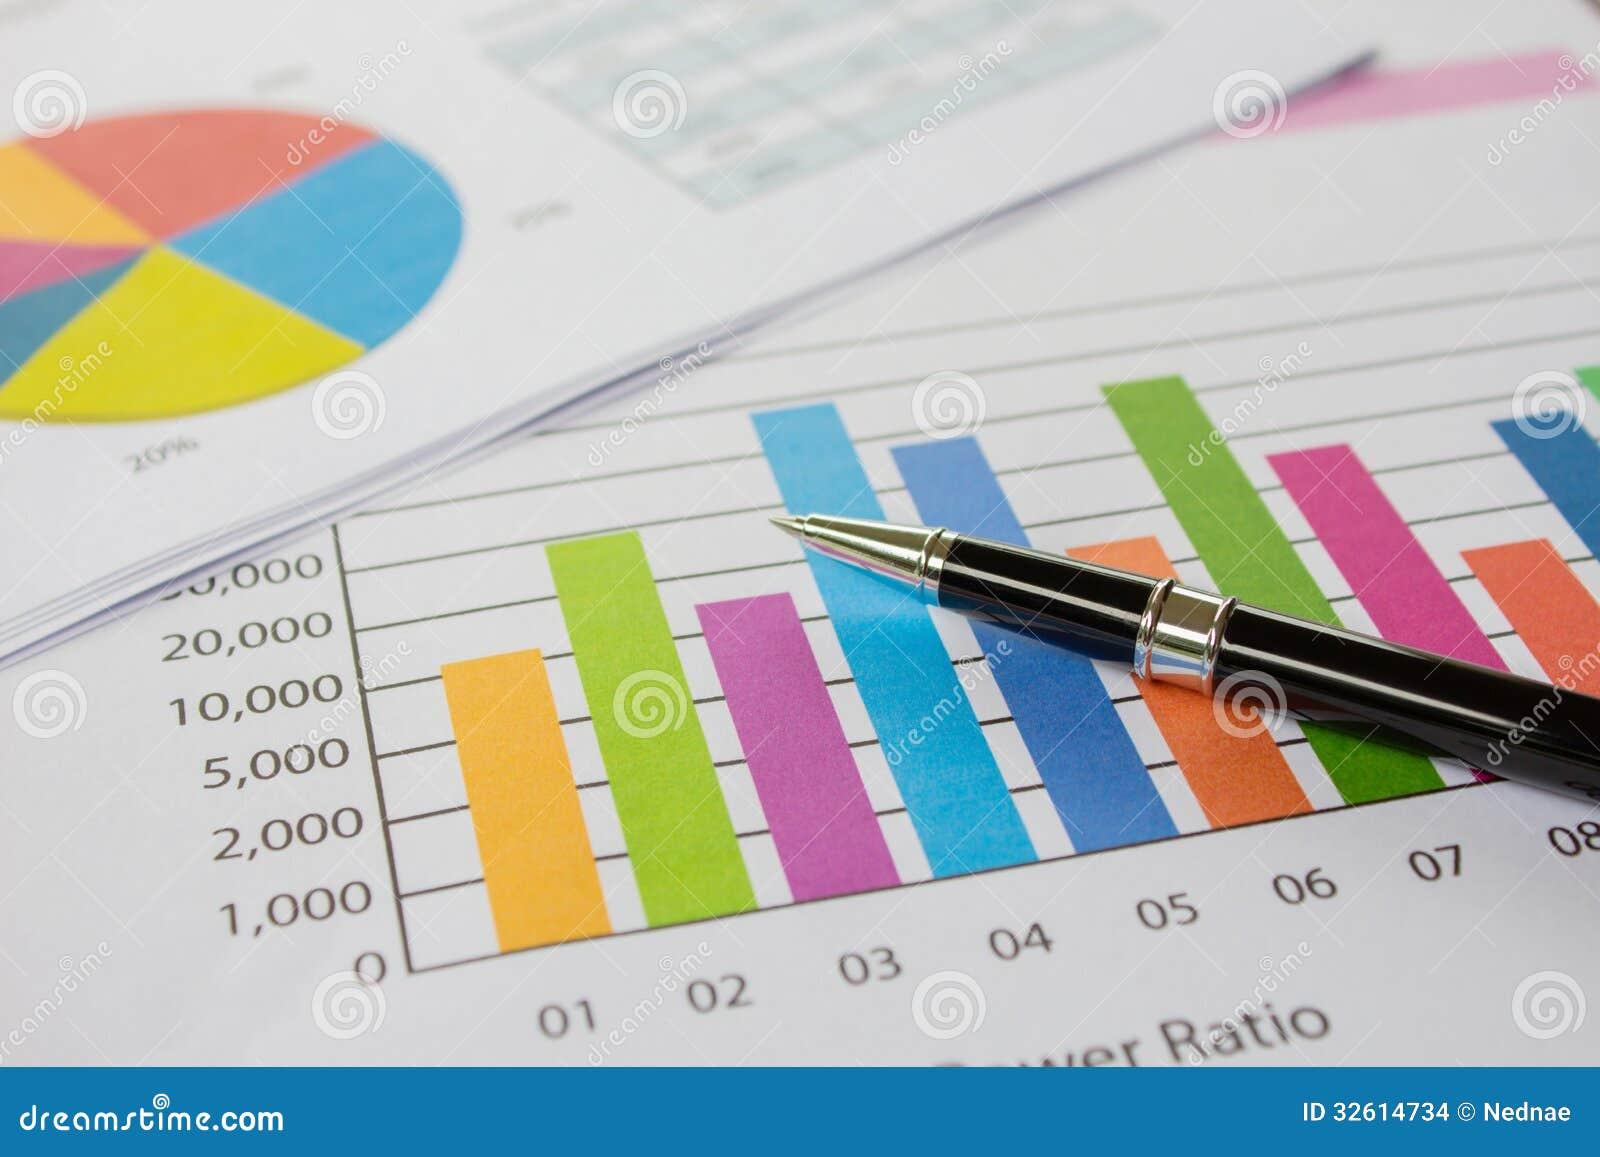 Diagramme, Stift, Geschäft auf Tabelle.